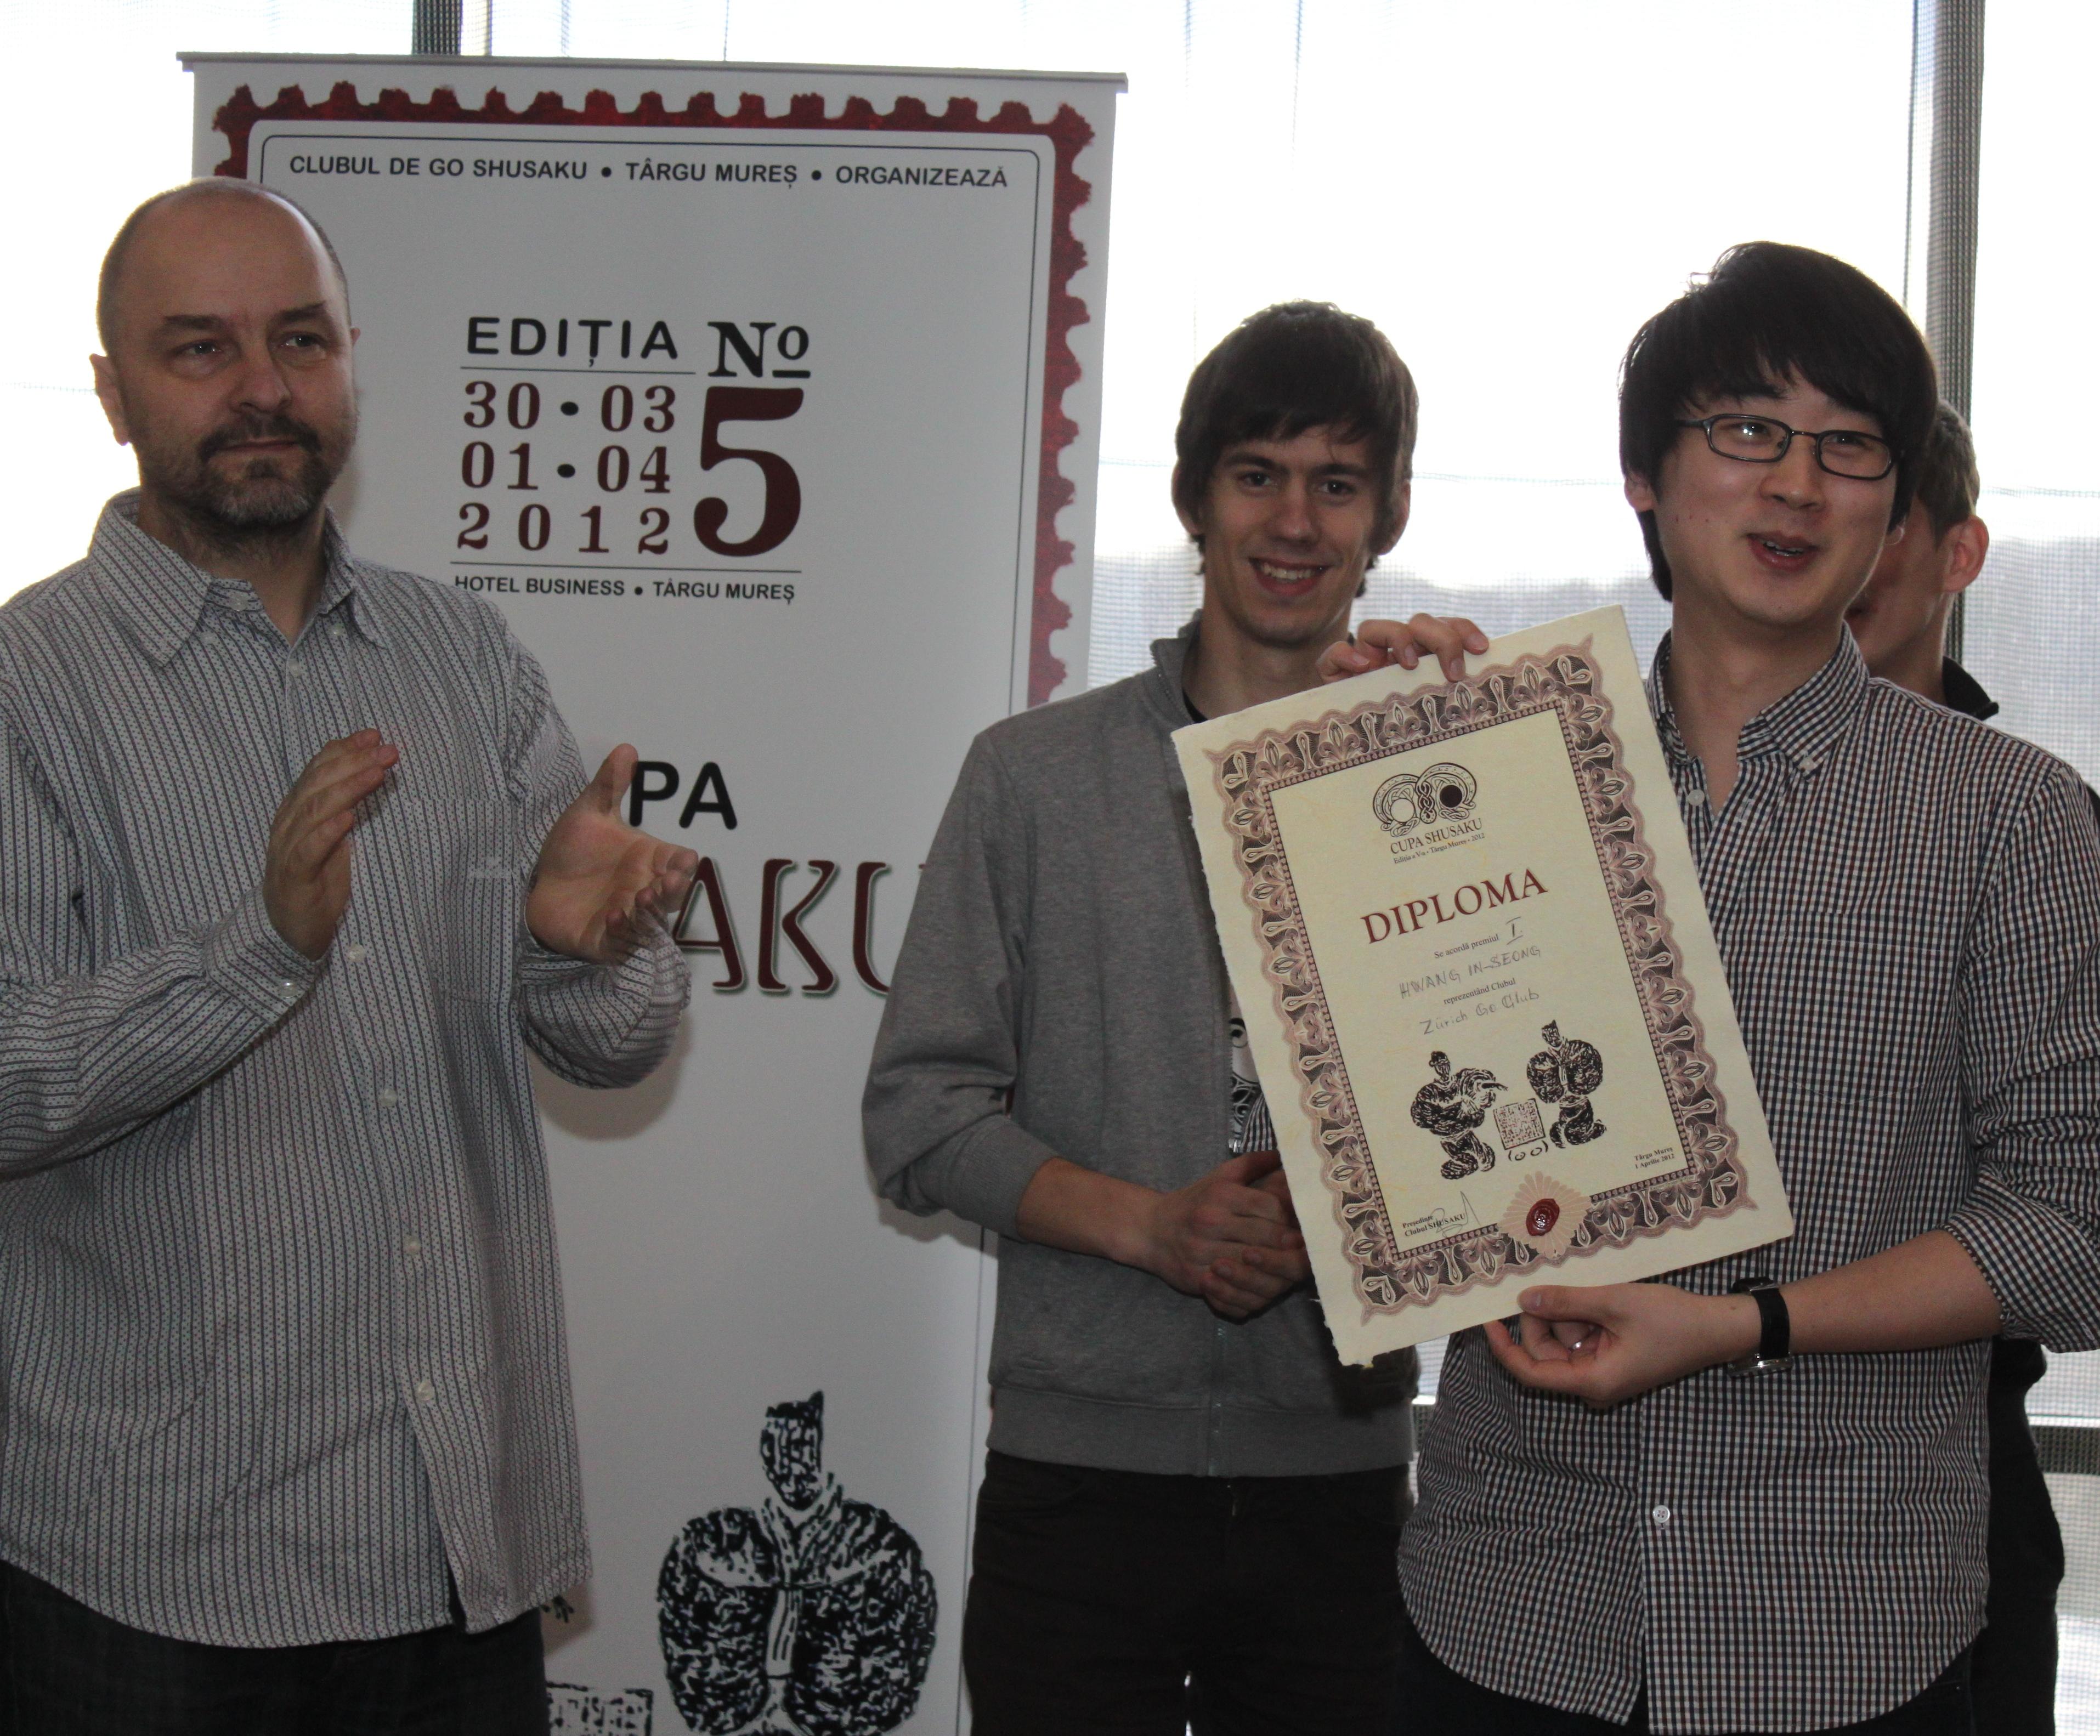 http://eurogotv.com/images/shusaku20121.jpg